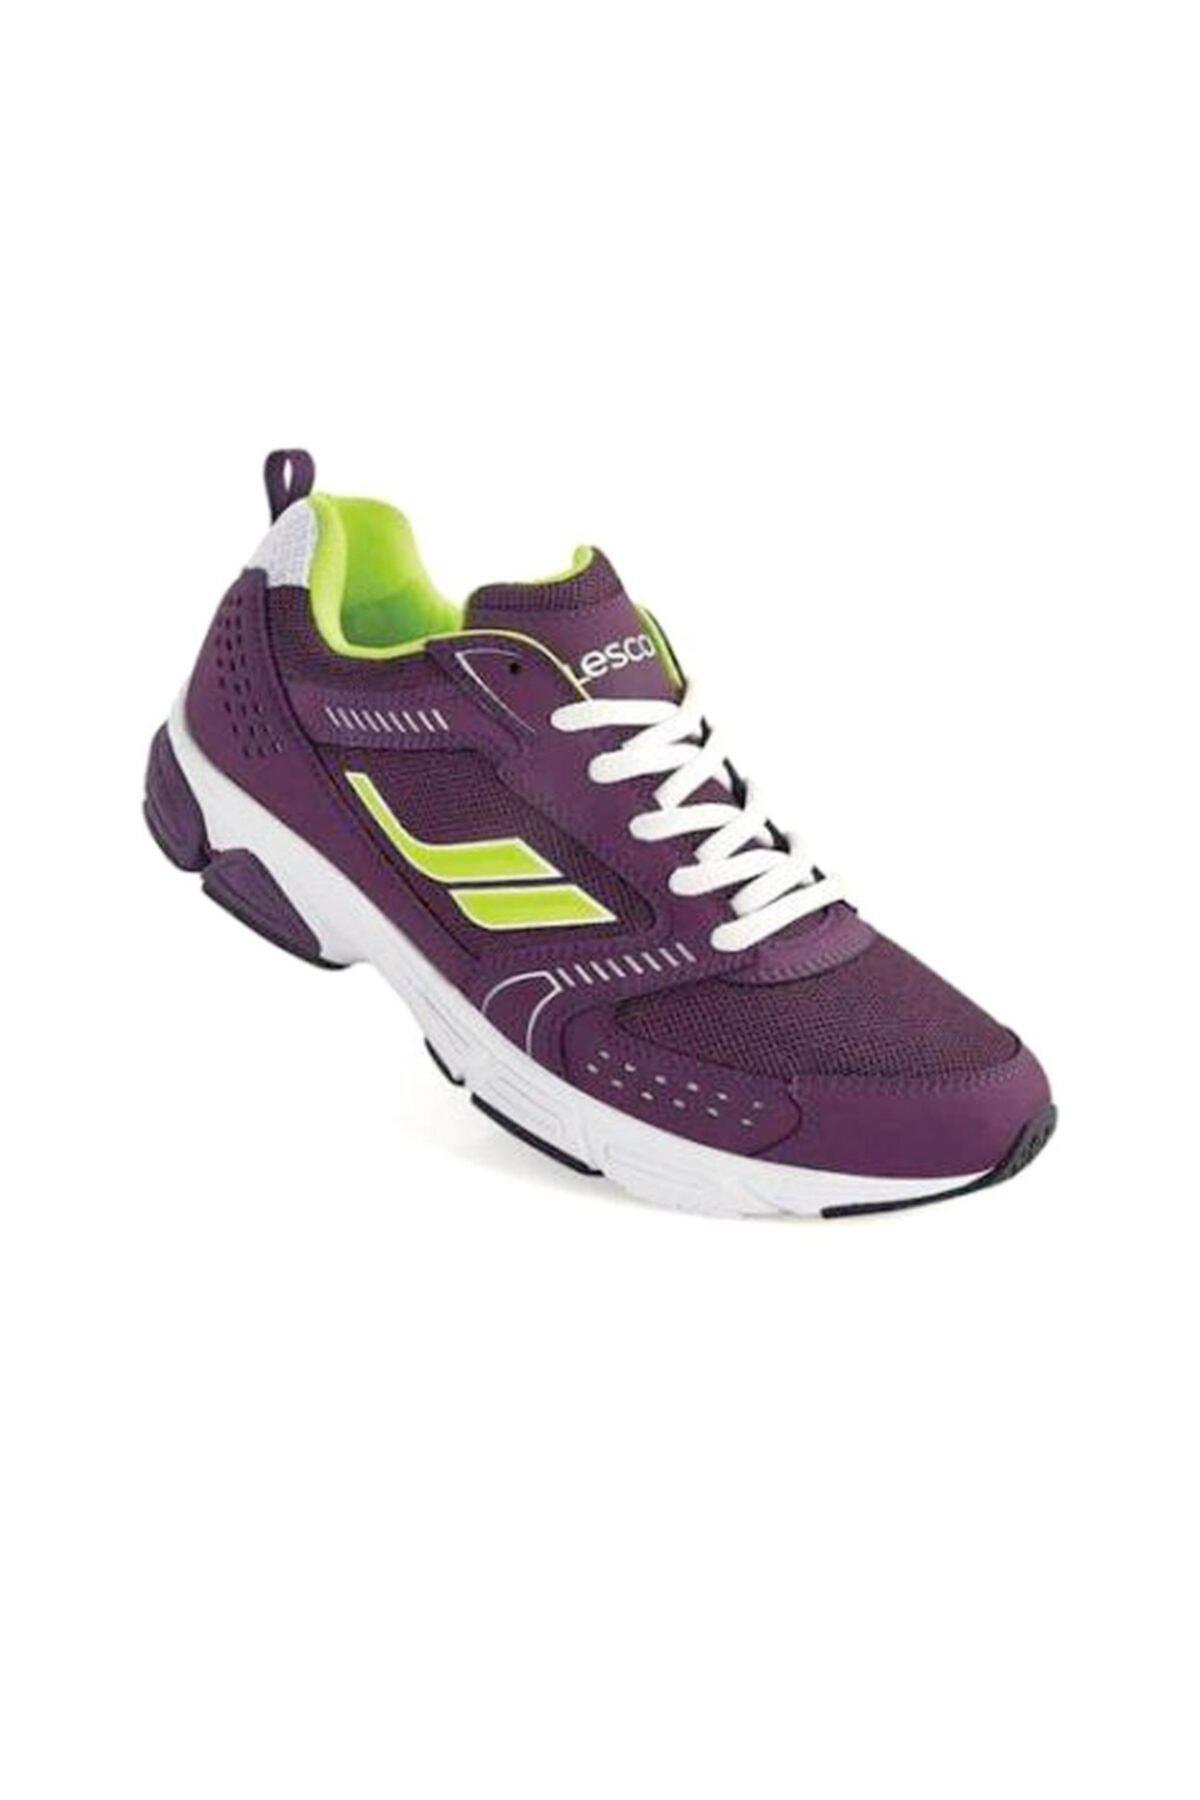 Lescon Kadın Yürüyüş Ayakkabısı L 3602 1